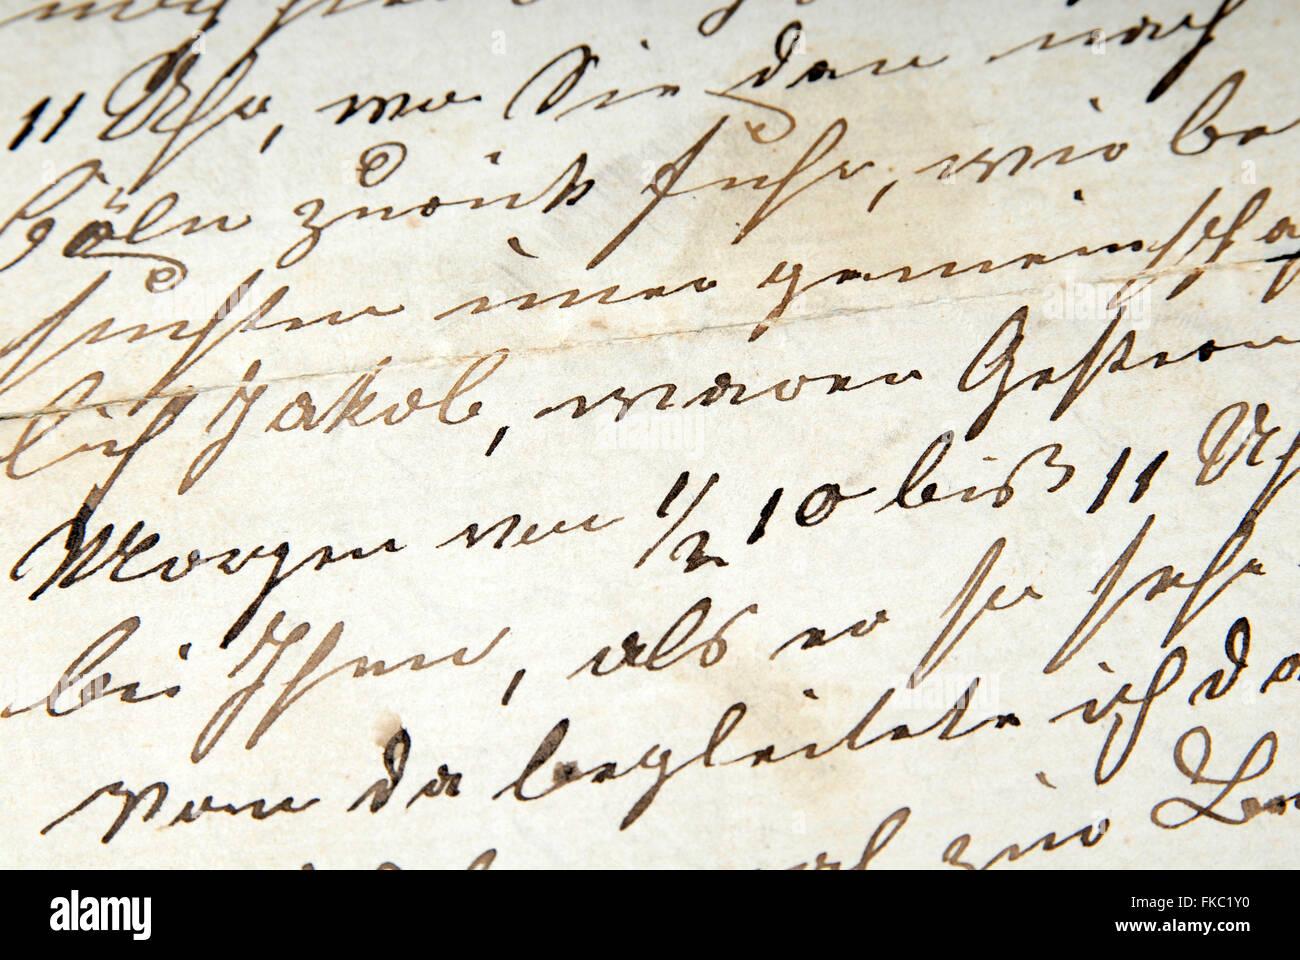 Historic correspondence - Stock Image